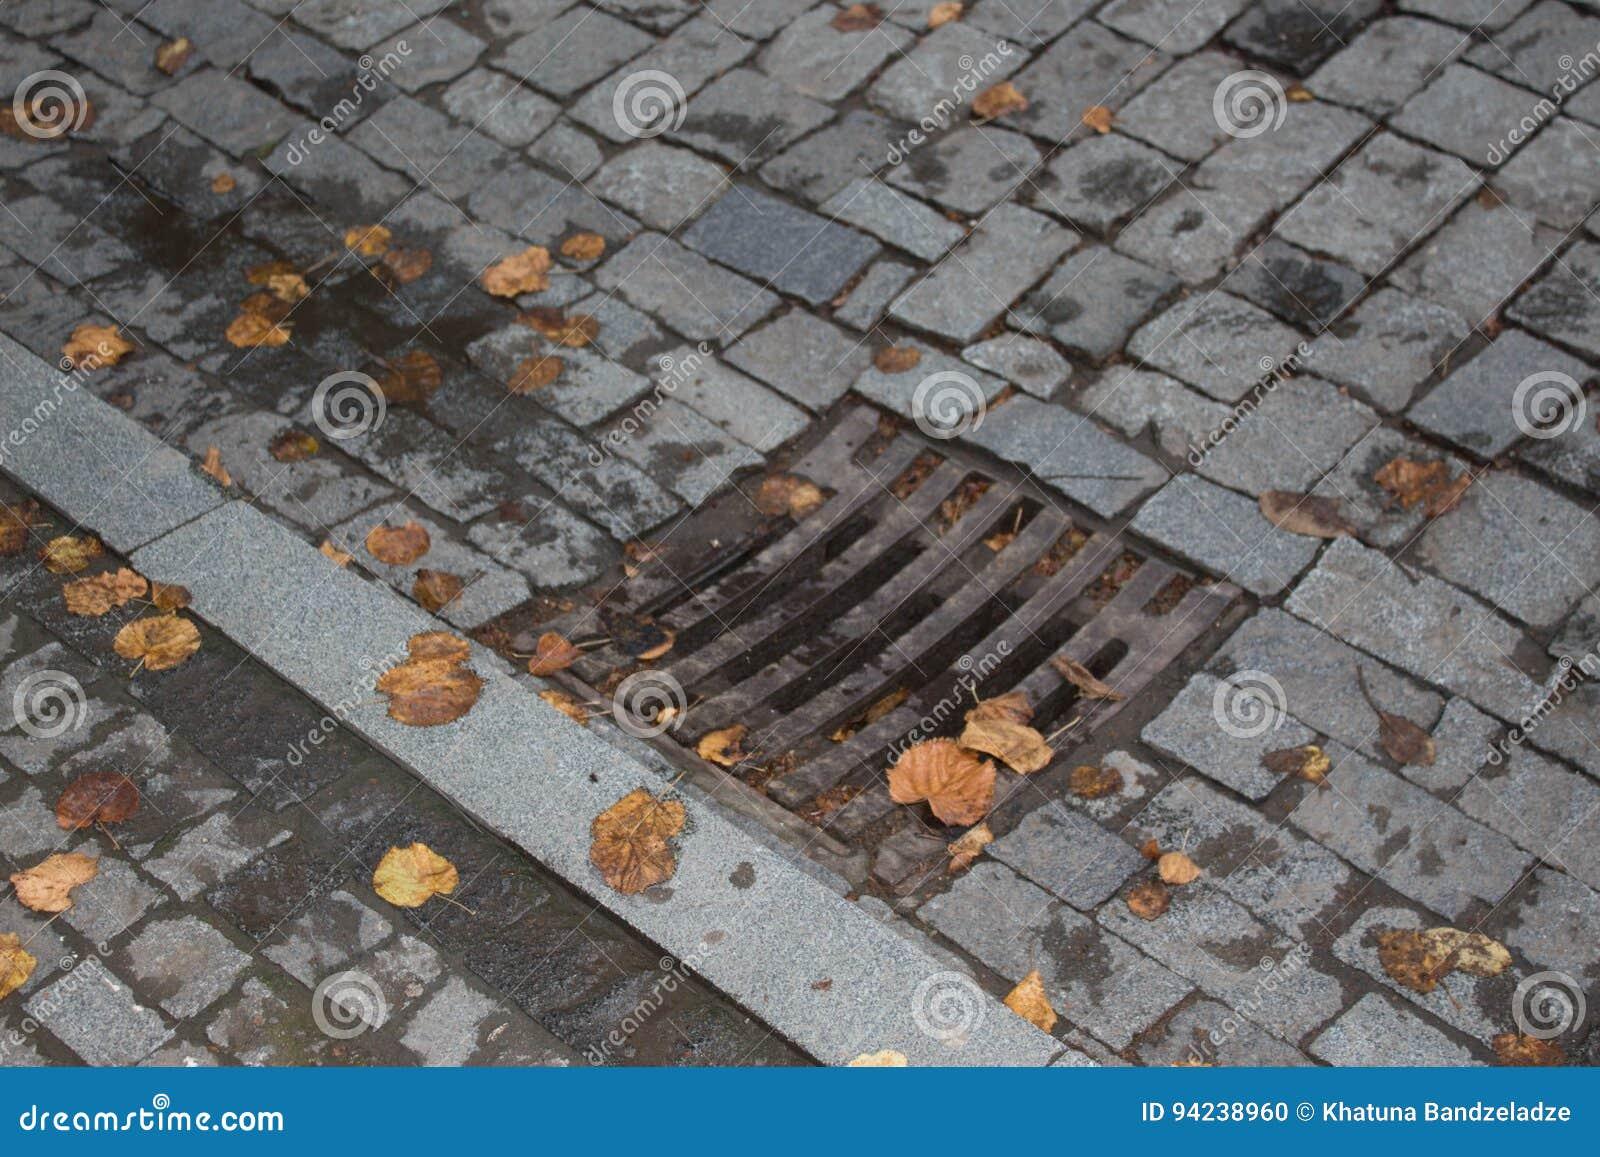 Καταπακτή υπονόμων αποξηράνσεων στο φθινοπωρινό πάρκο που καλύπτεται με τα κίτρινα φύλλα Κάλυψη αποξηράνσεων από την οδική πλευρά